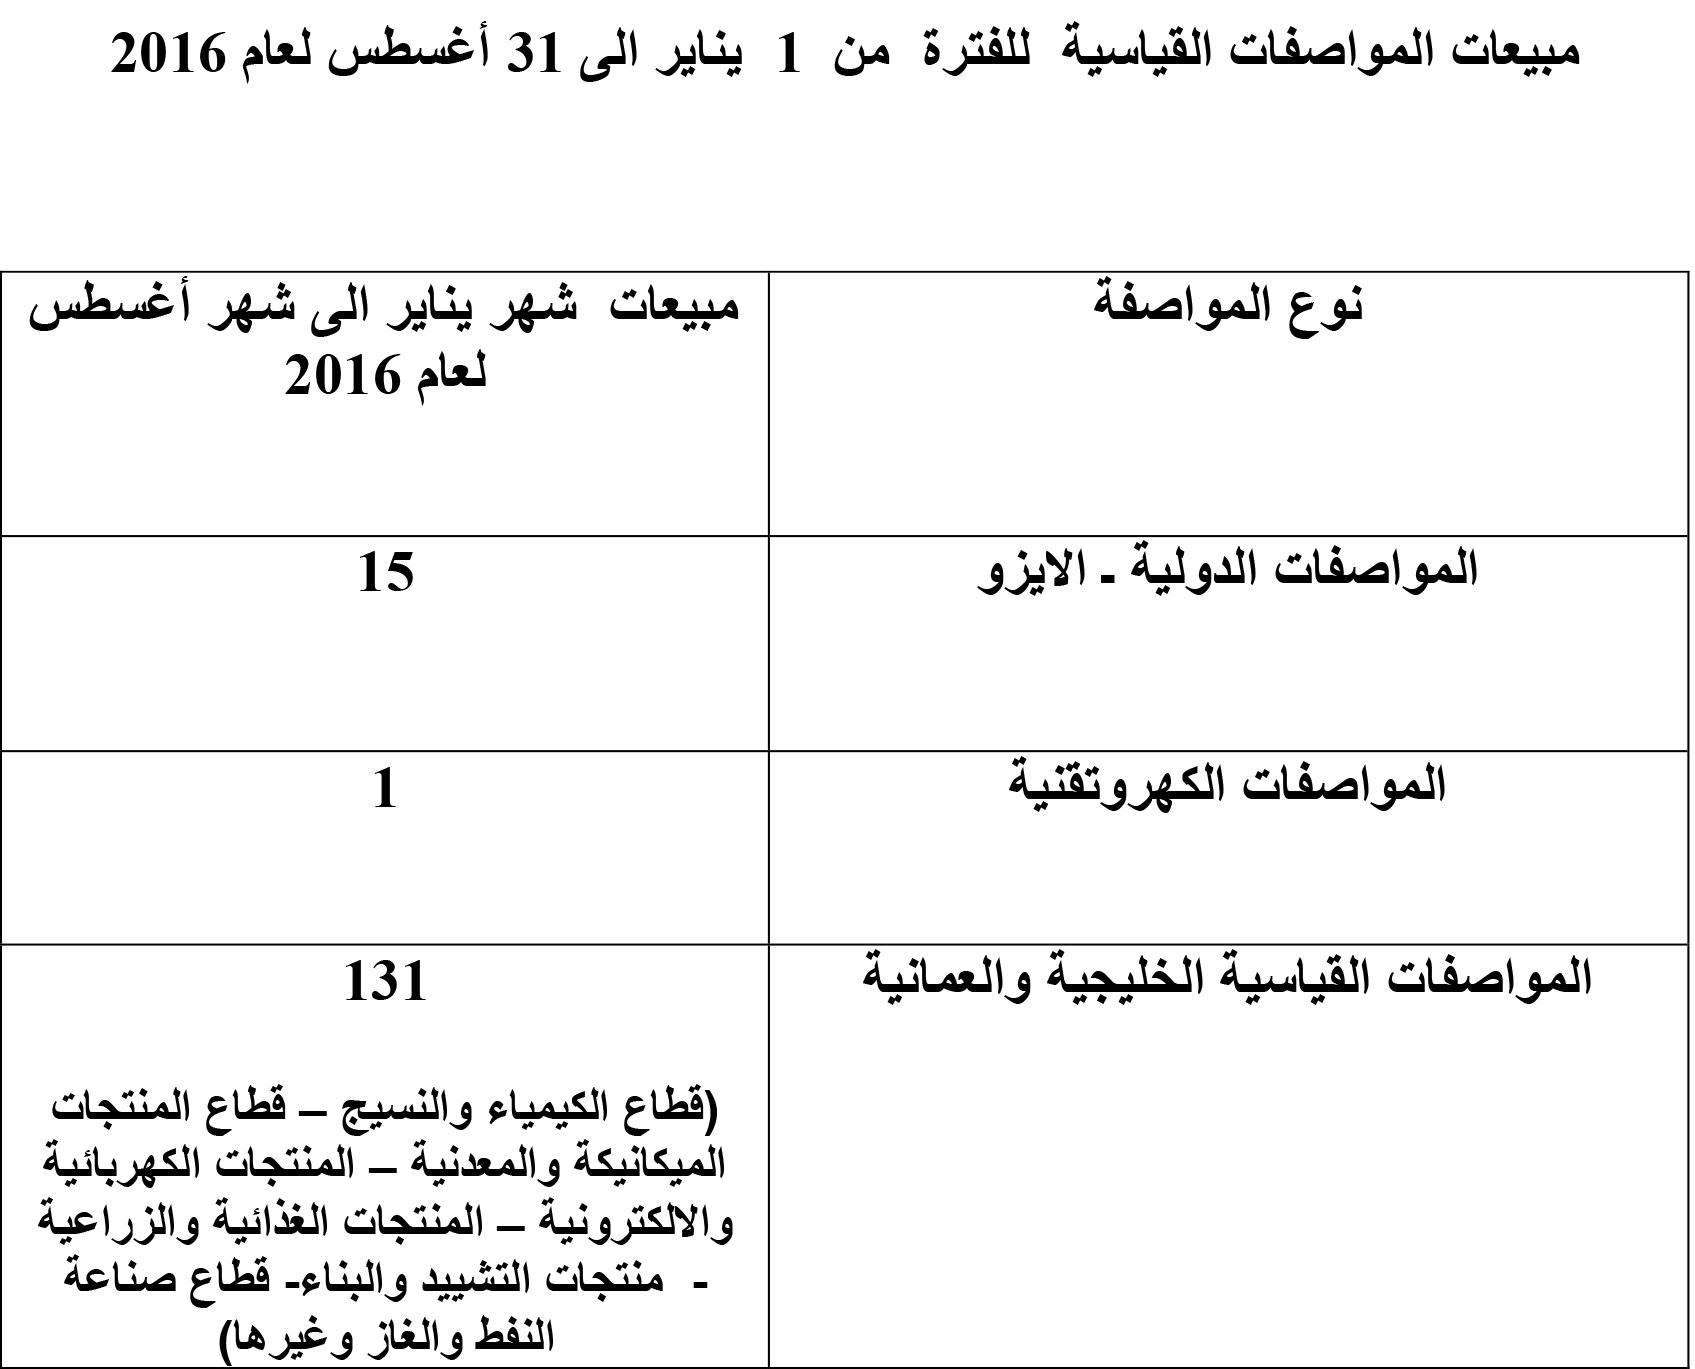 بيع 147 مواصفة قياسية عمانية وخليجية ودولية